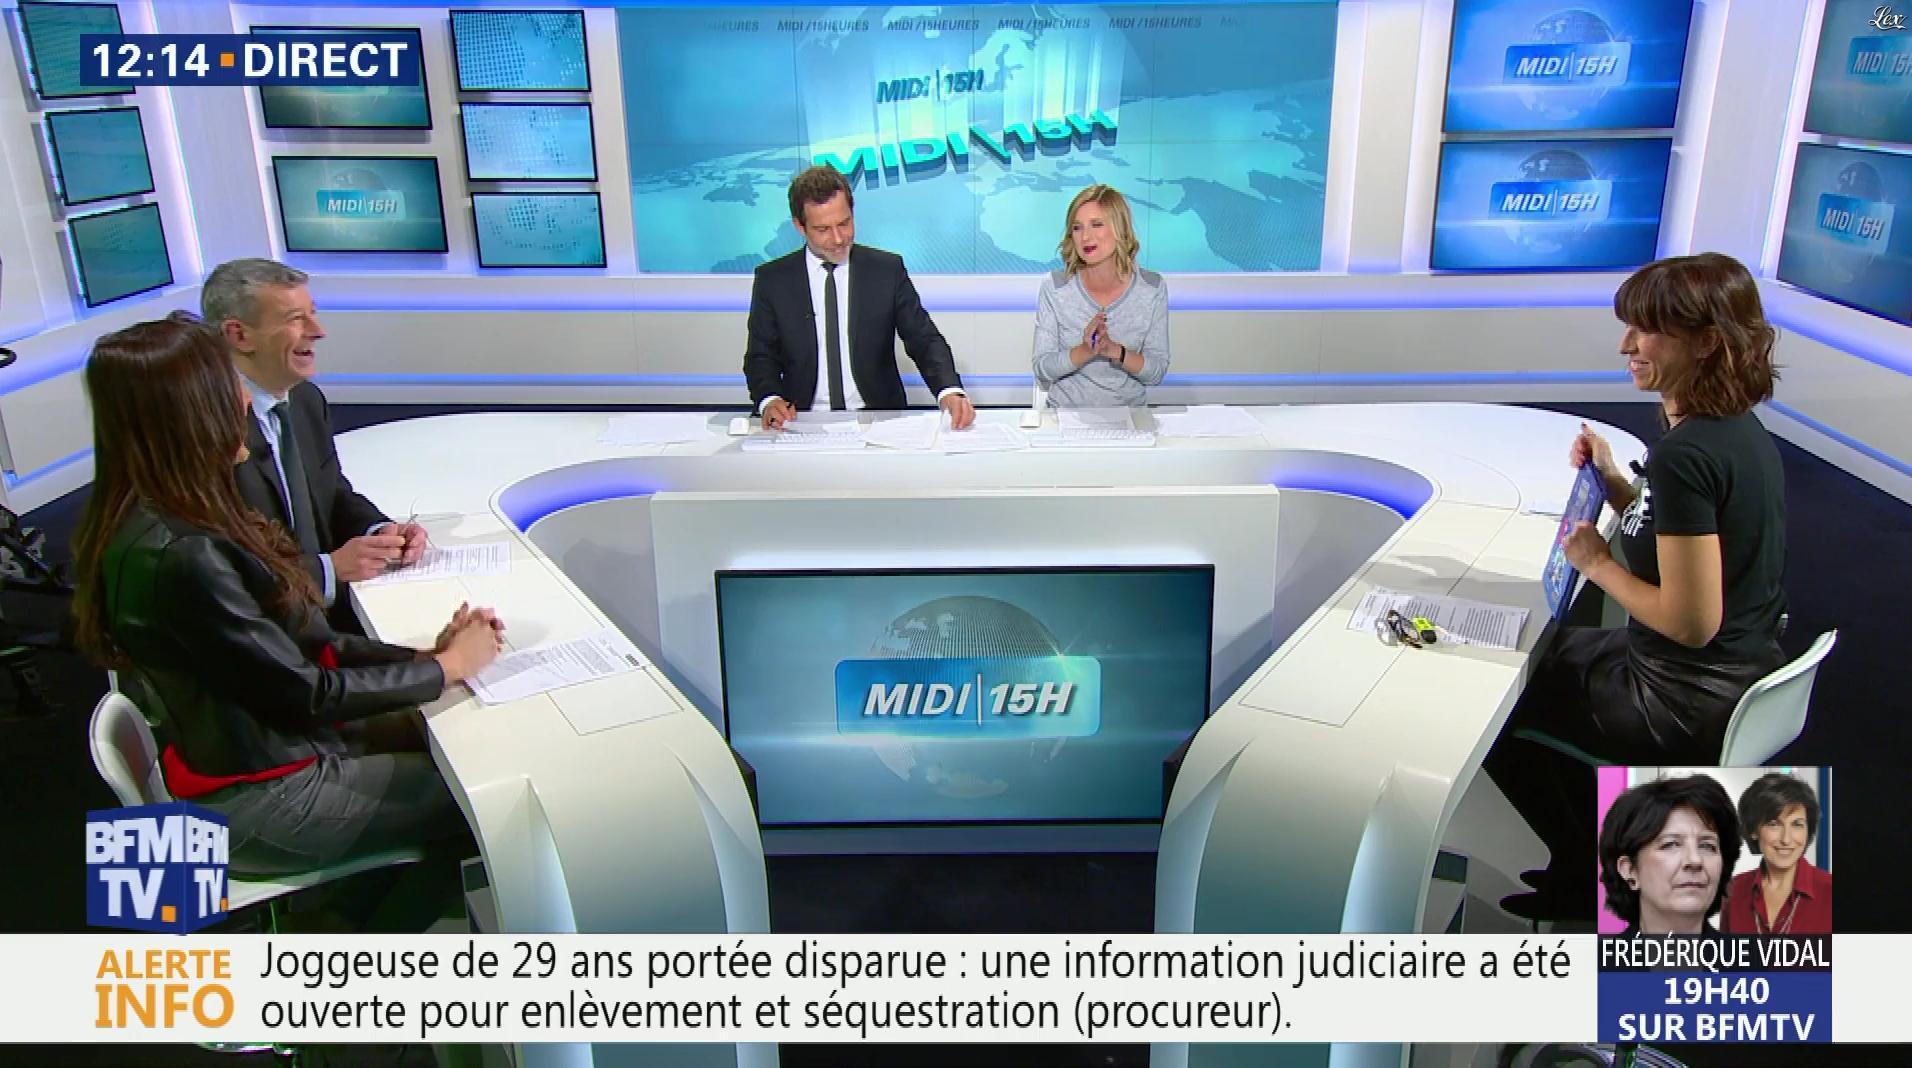 Daniela Prepeliuc et Candice Mahout à la Météo de BFM TV. Diffusé à la télévision le 30/10/17.